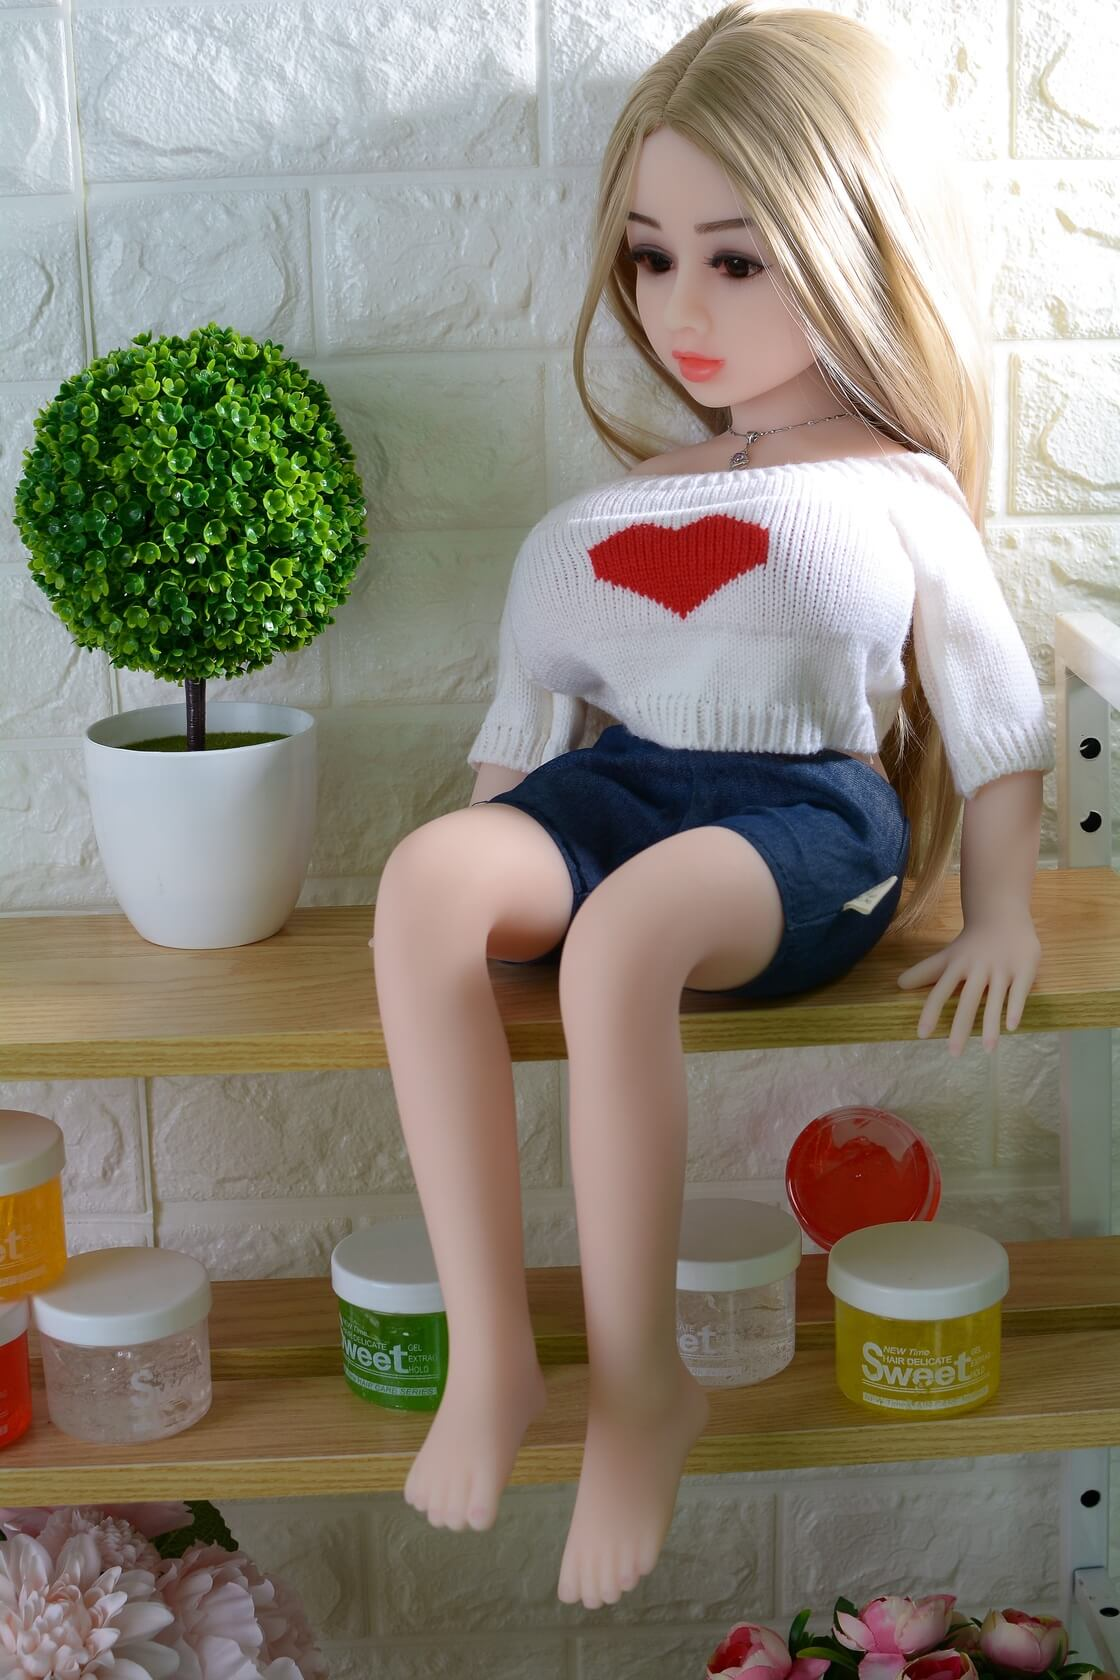 Bambola del sesso più piccola di 65 cm - Rebecca